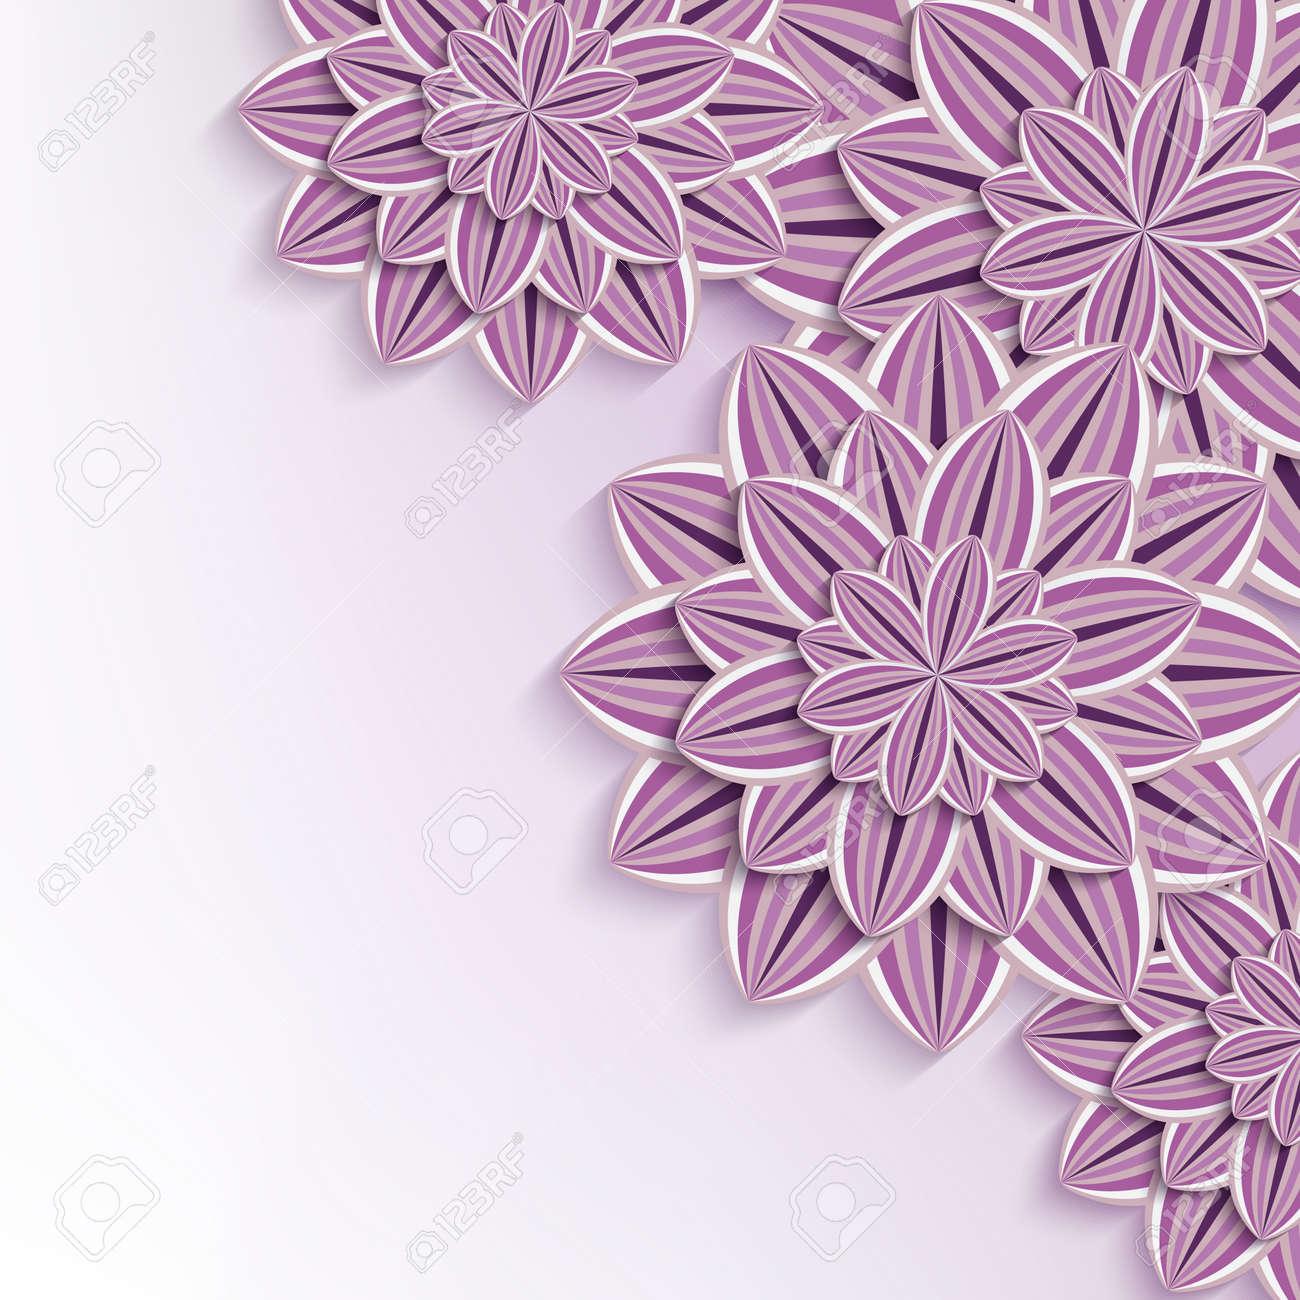 Floral Elegant Background With Purple Violet Ornate 3d Flowers